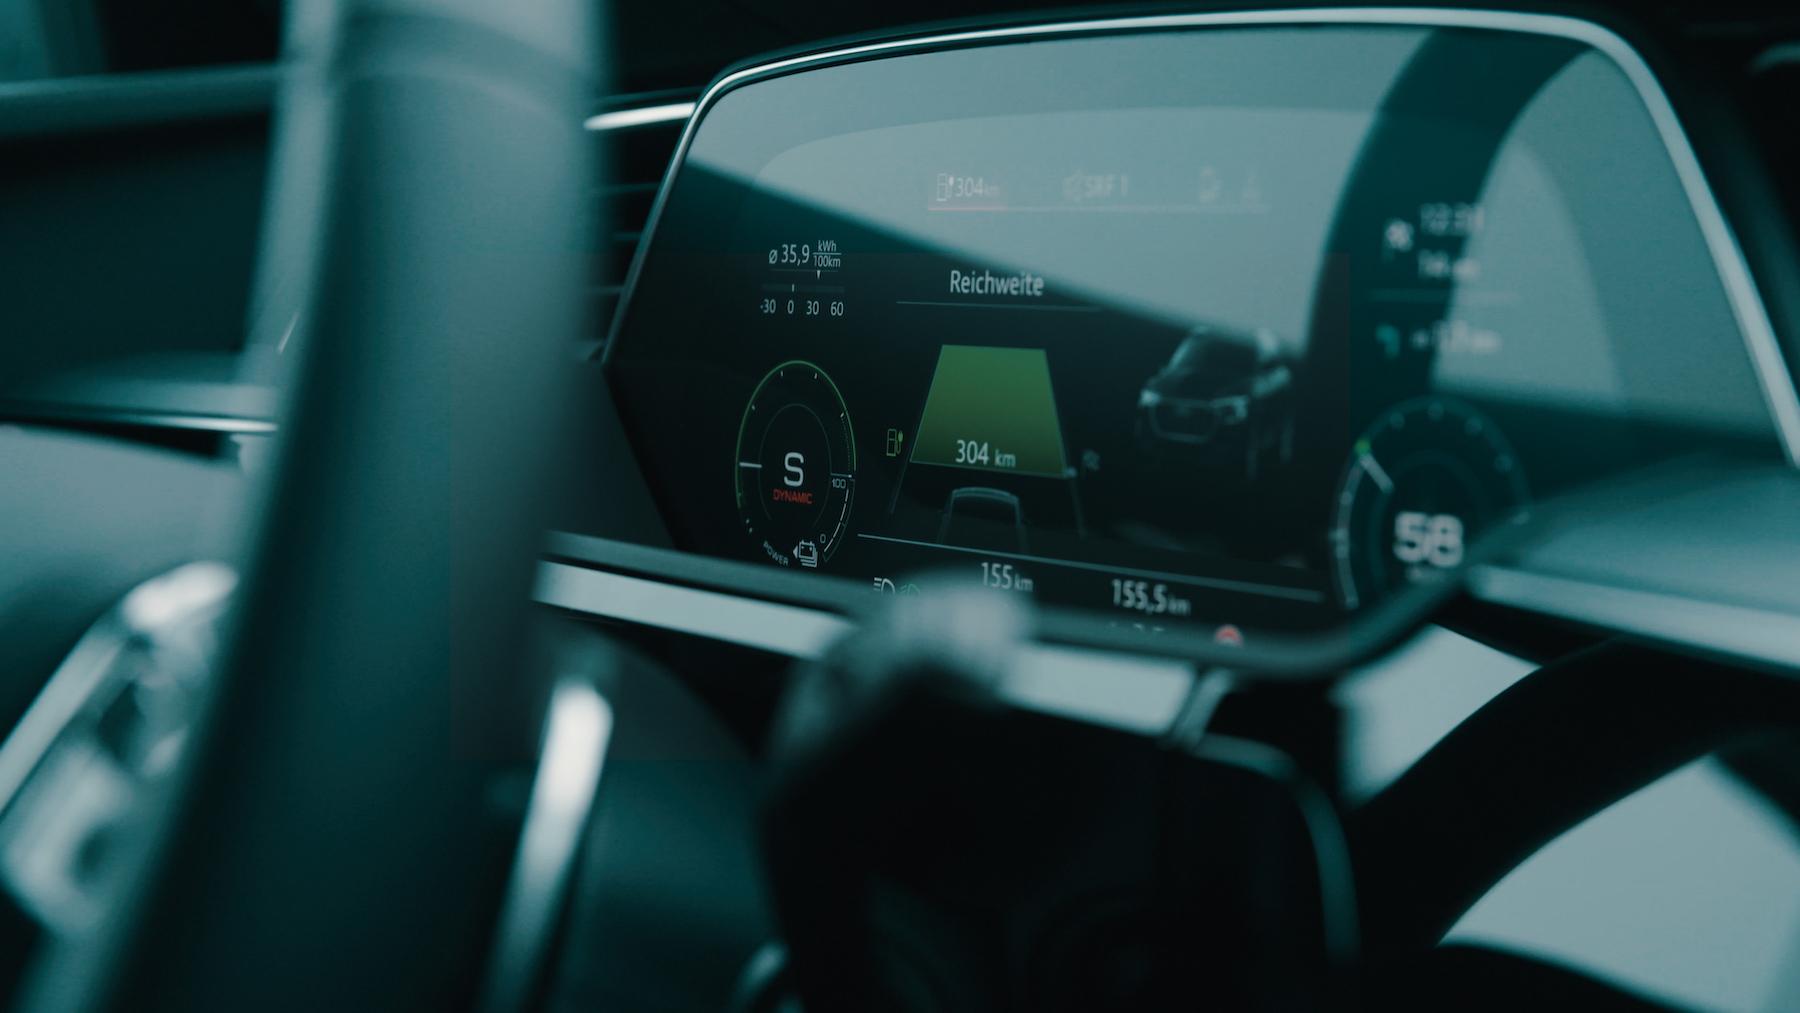 Wer geschickt fährt, steigert die Reichweite des Audi e-tron während der Fahrt.